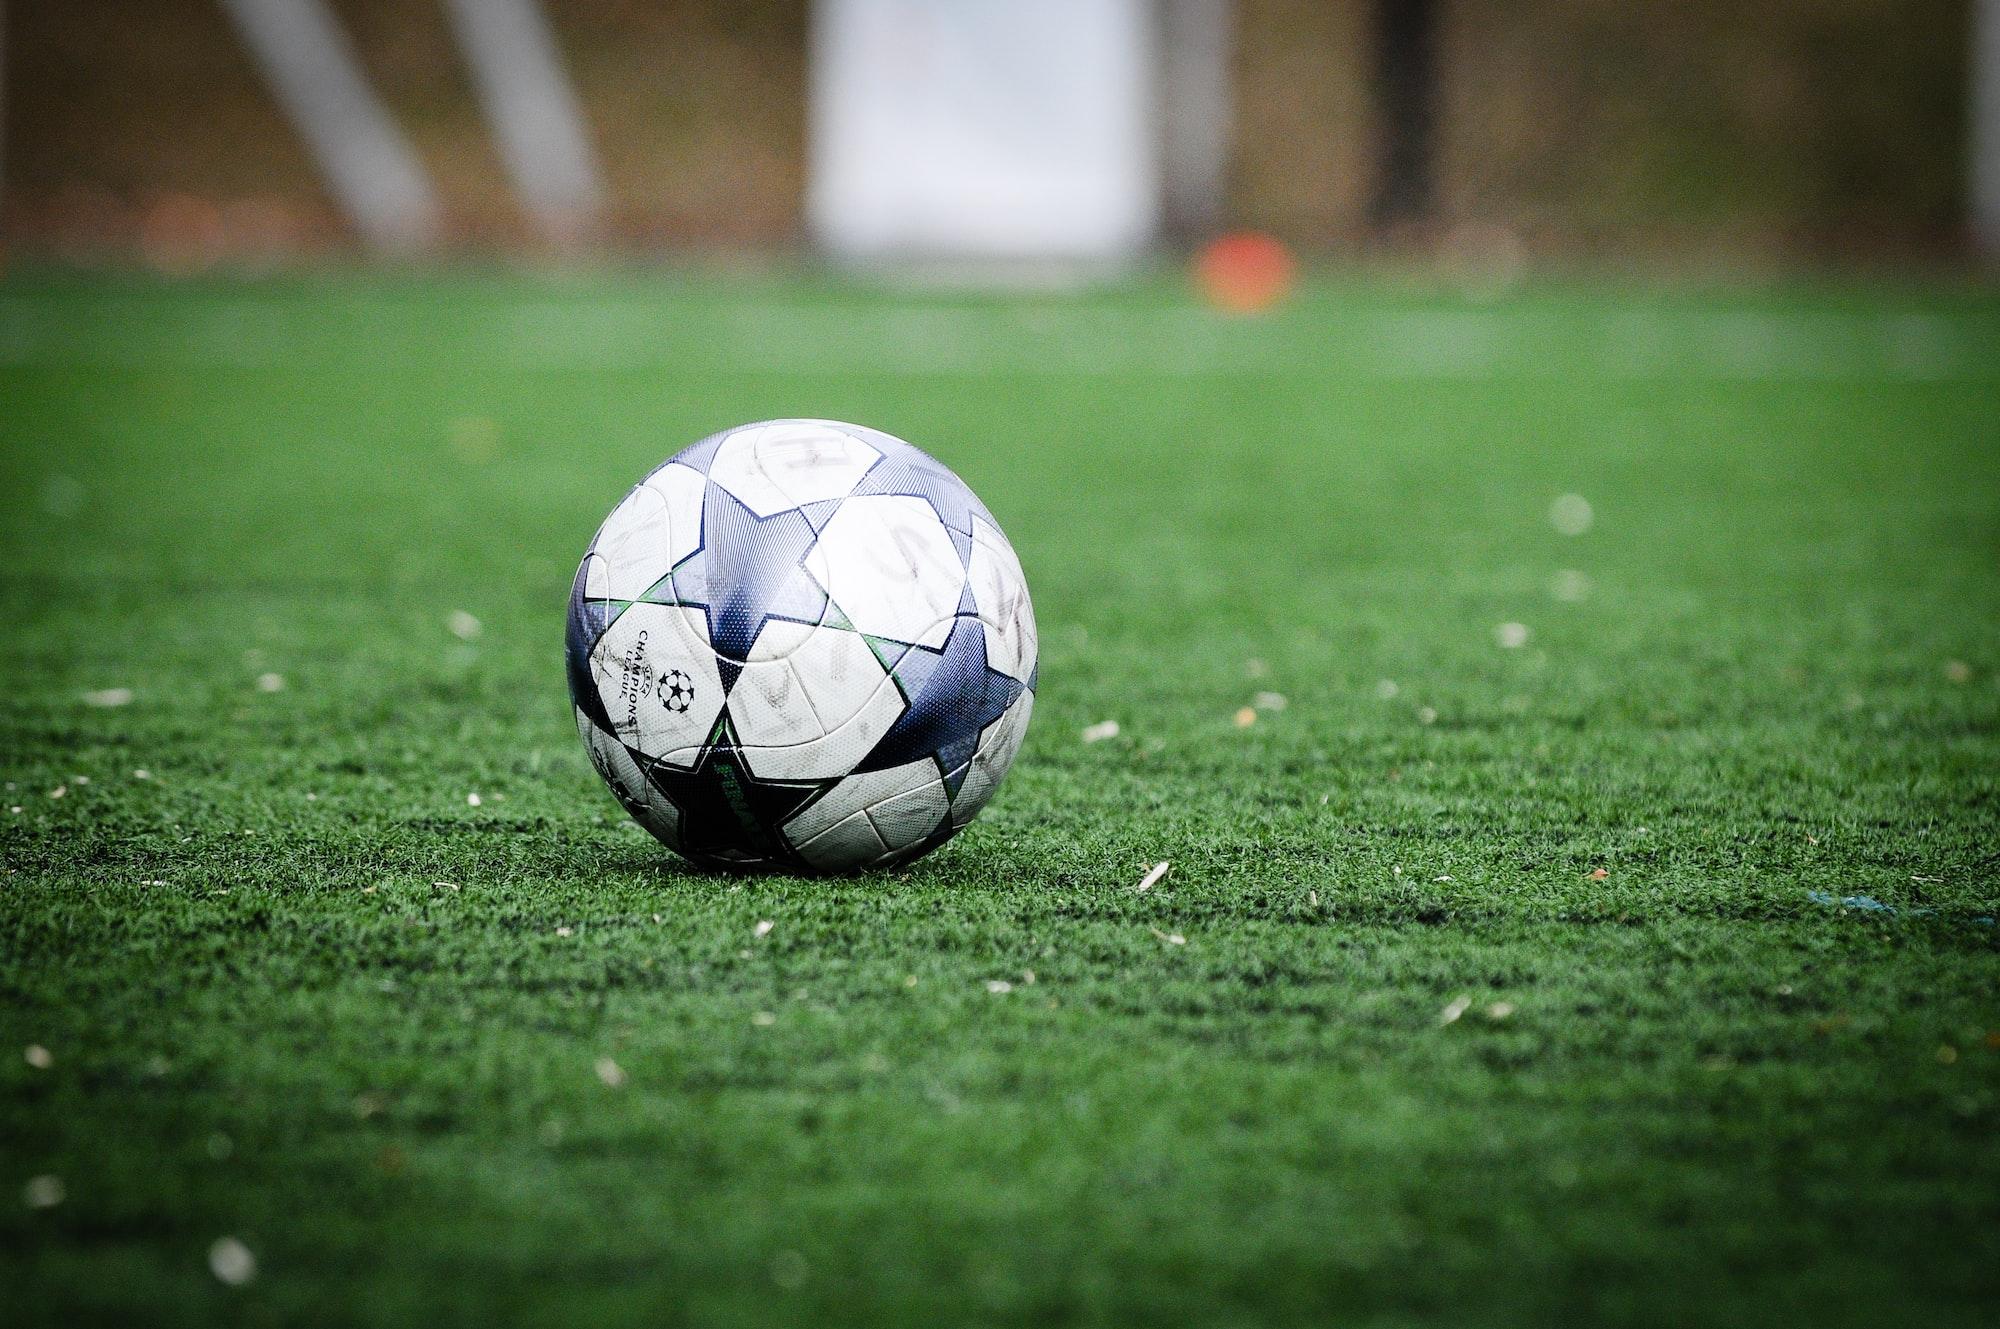 Champions League: pronostico 1a giornata UCL con quote vincenti e news